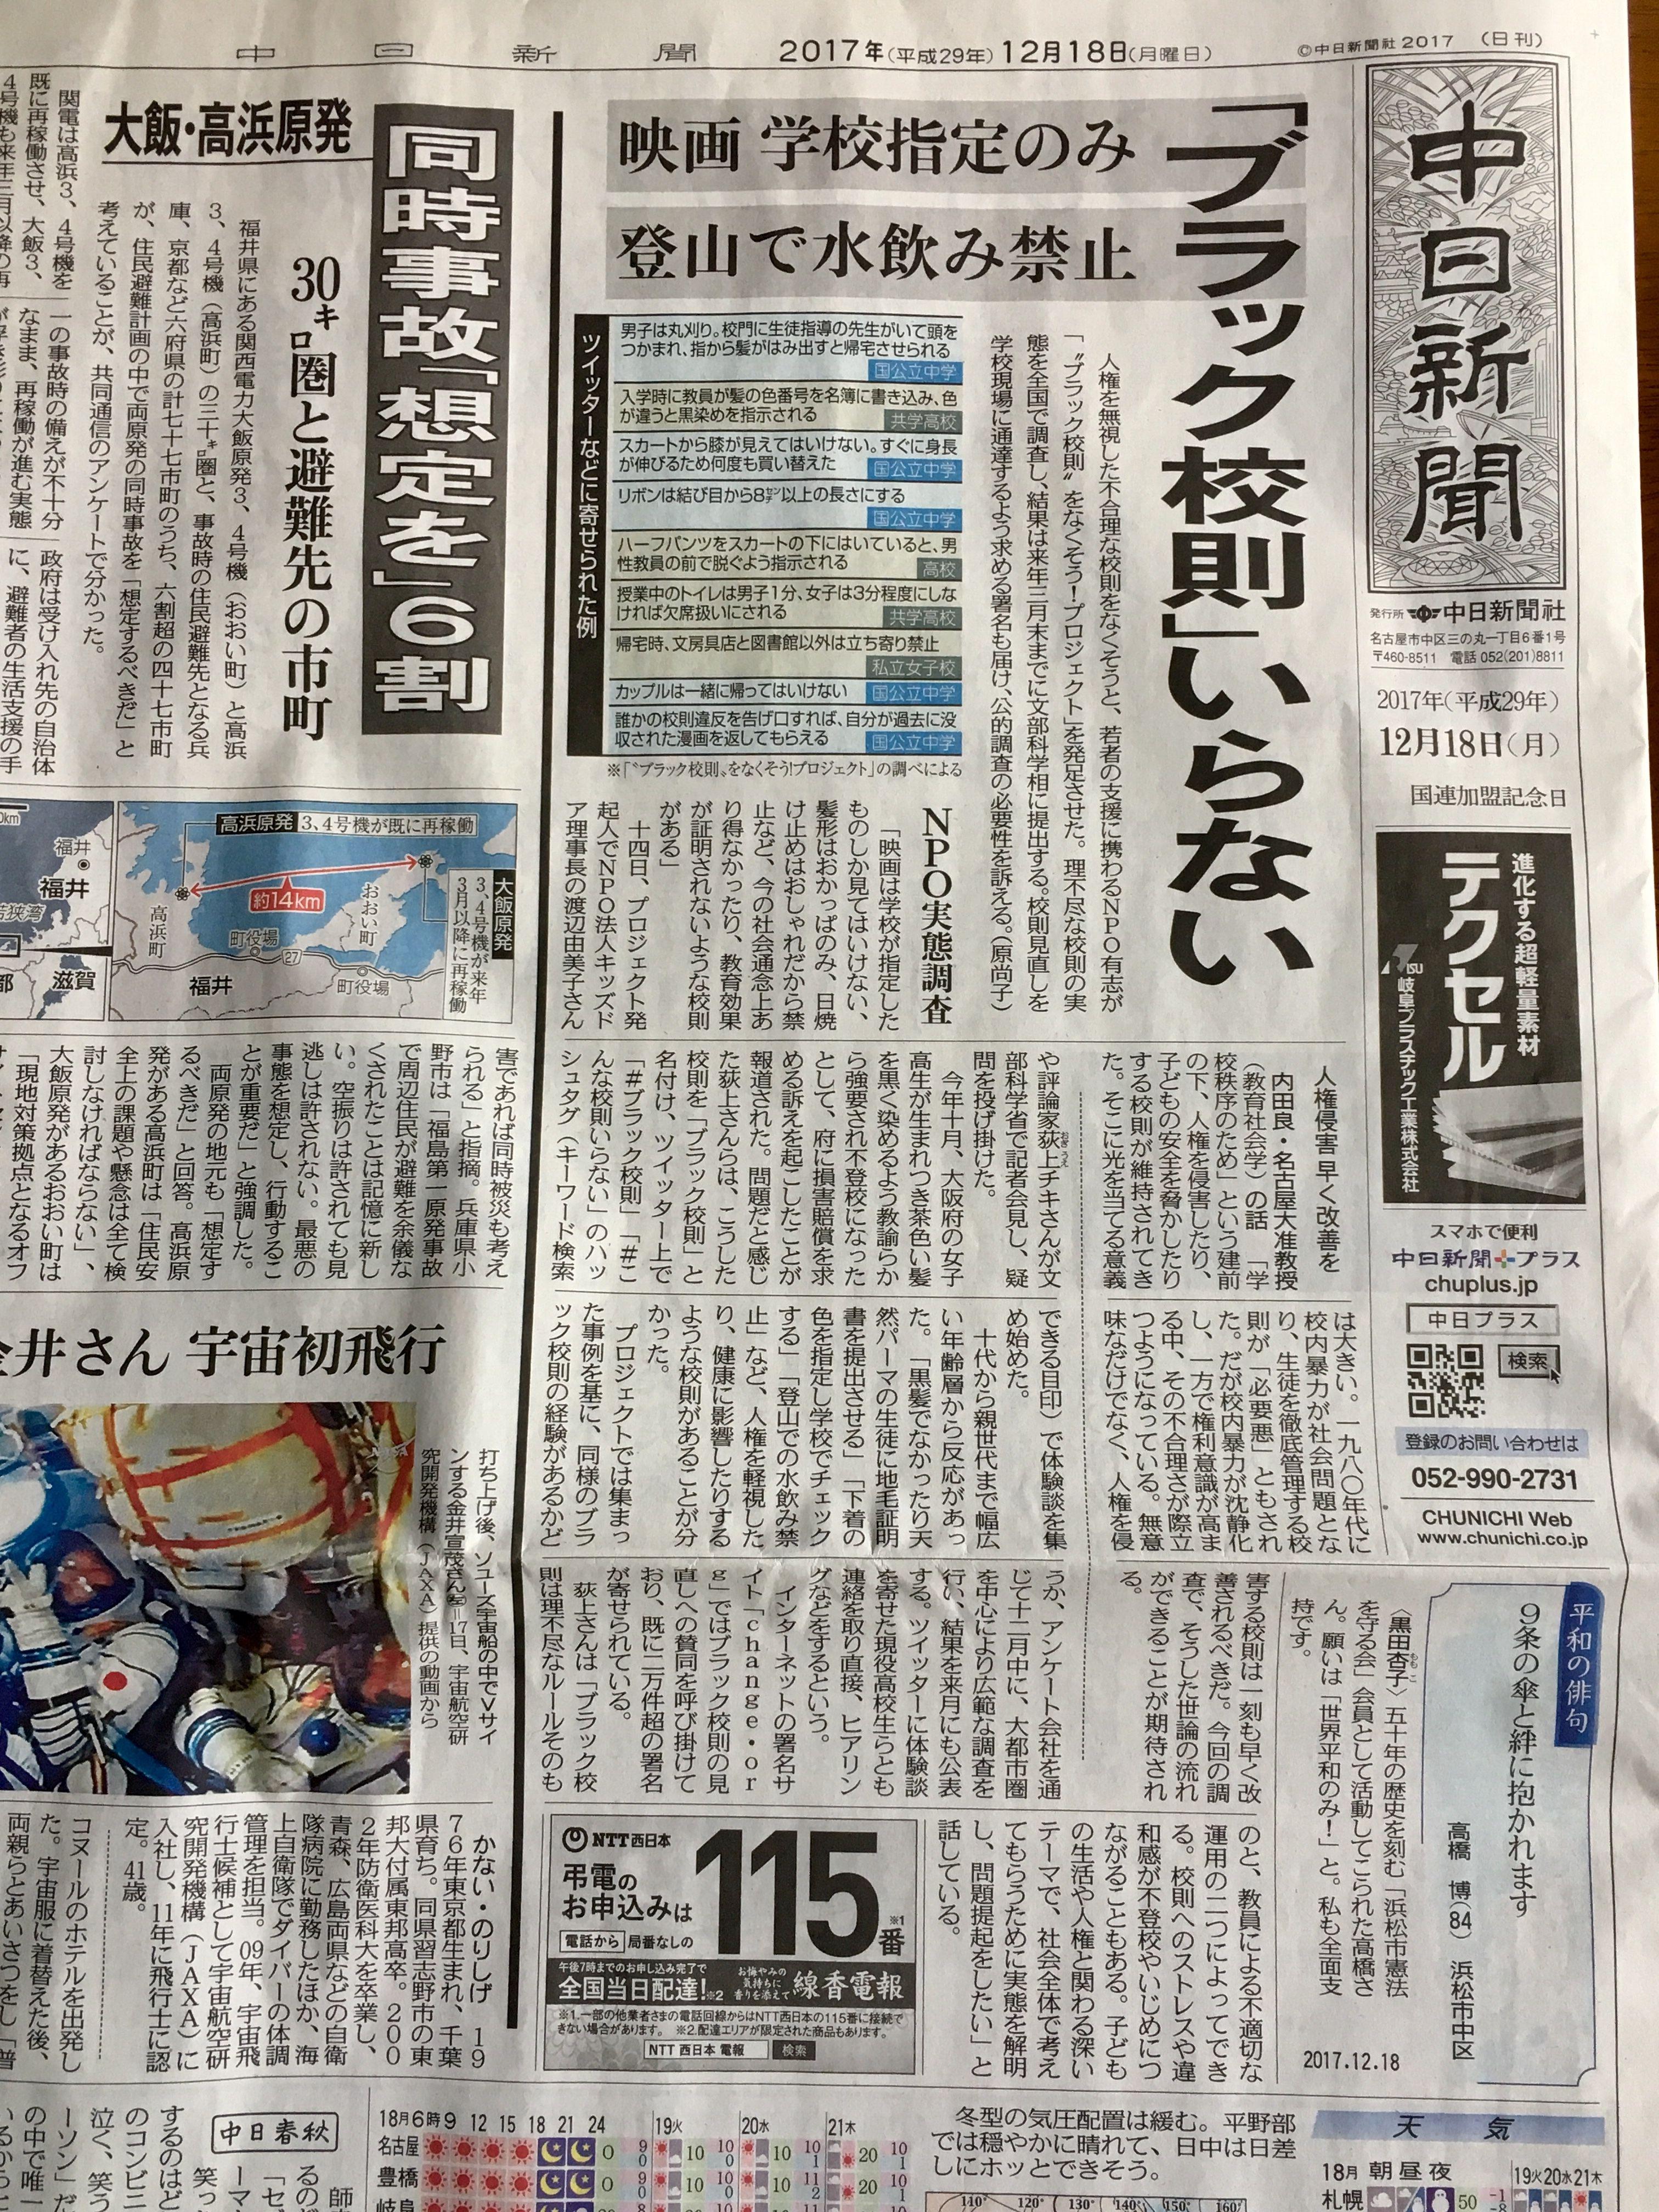 本日の 中日新聞 の記事にて ブラック校則 について 掲載されていましたので シェアします こんな校則いらない 校則 新聞 本日